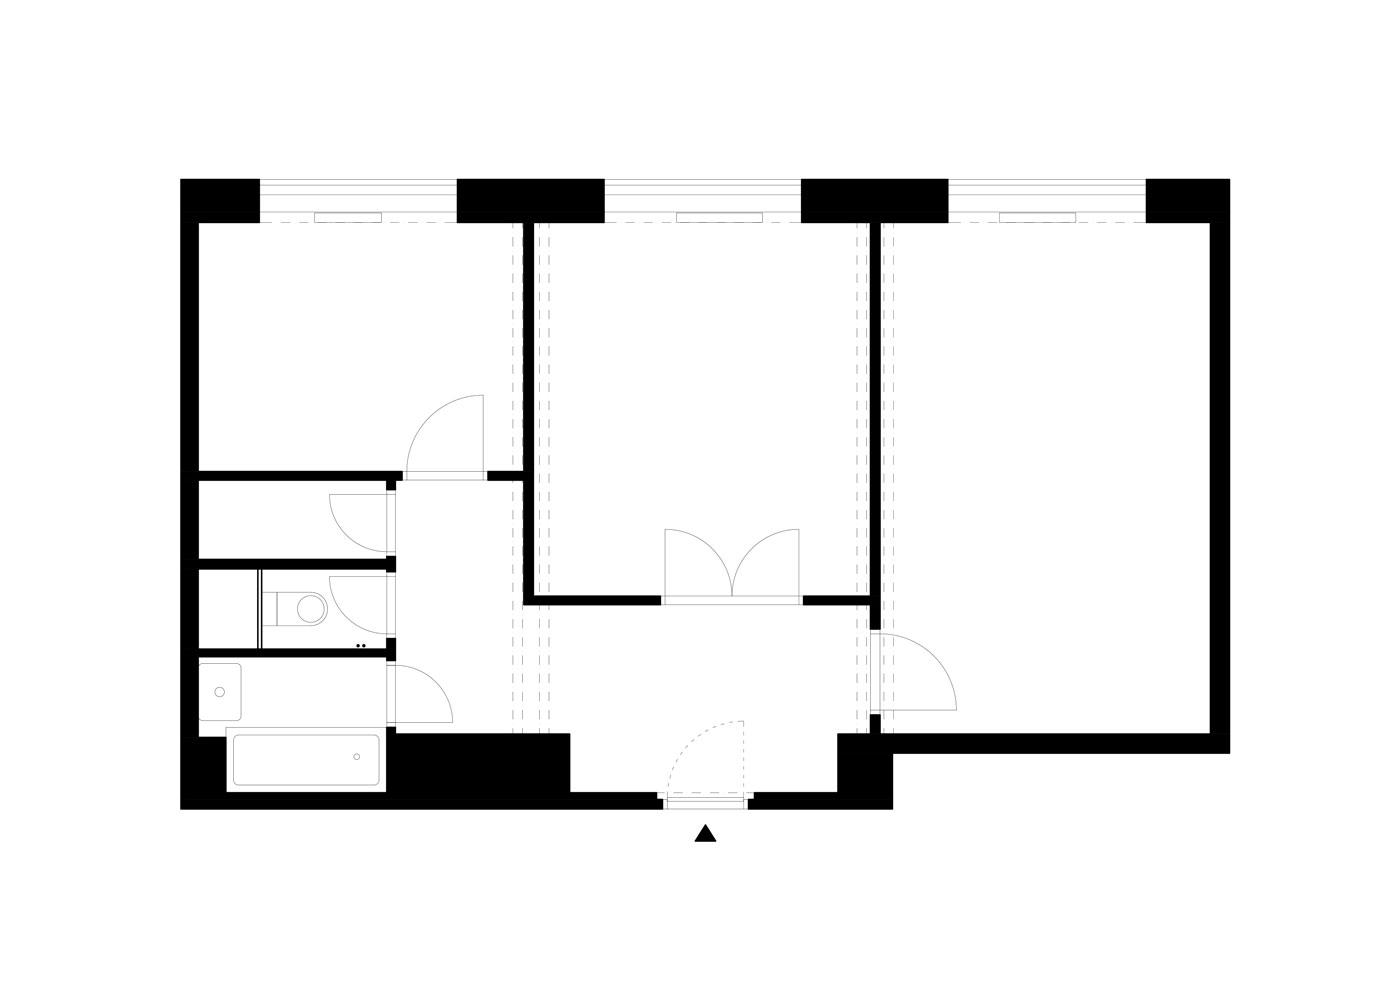 noiz-architekti-interier-byt-lublanska-08